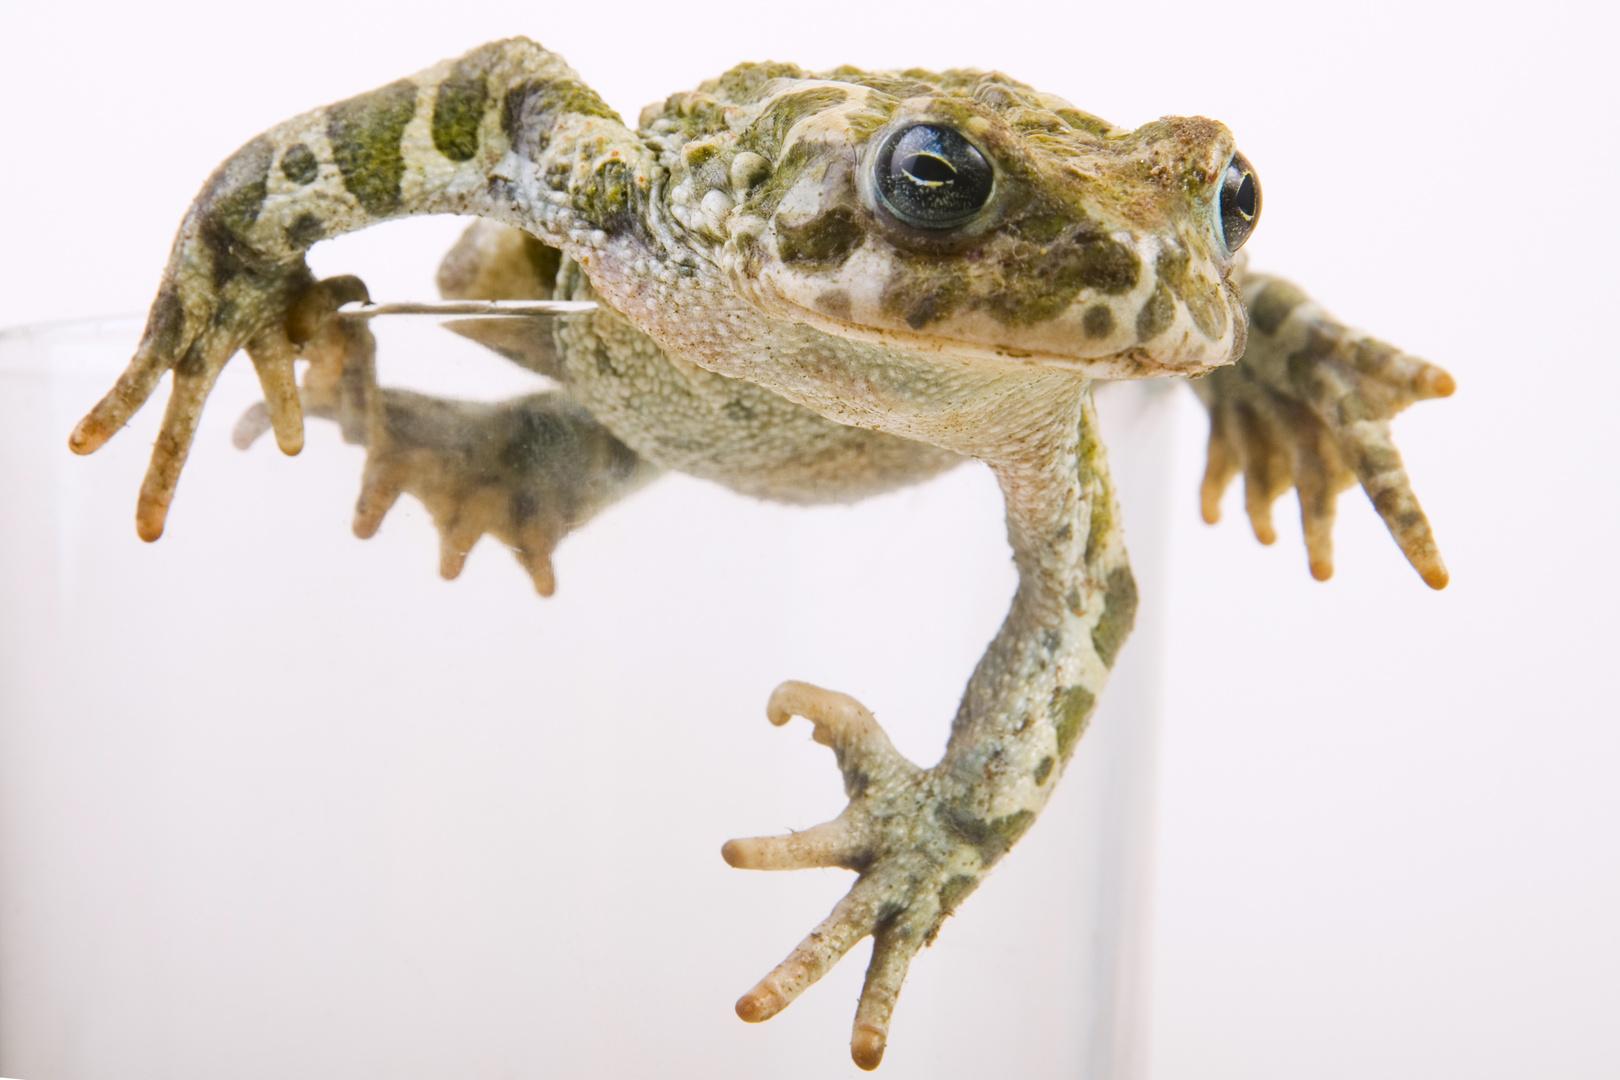 Wechselkröte (Bufo viridis) in einem Glas - European green toad (Bufo viridis) in a classes